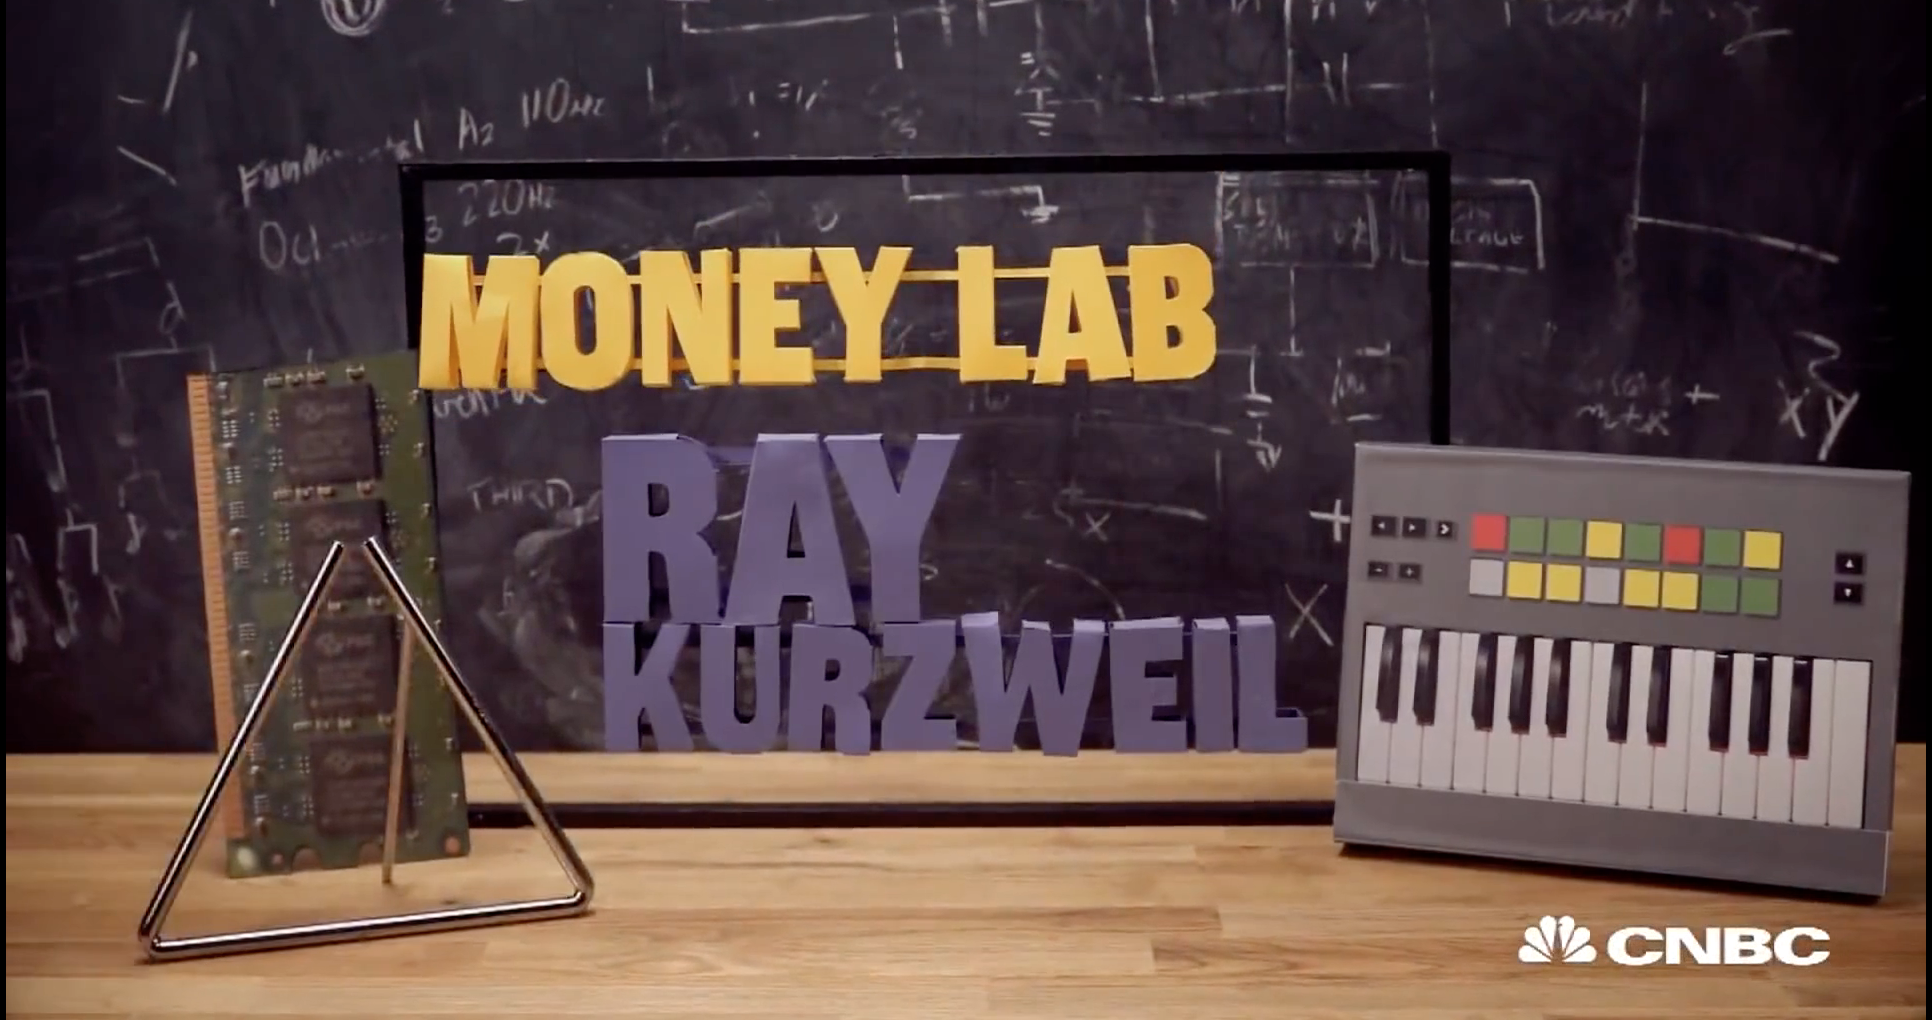 CNBC - MUSIC MONEY